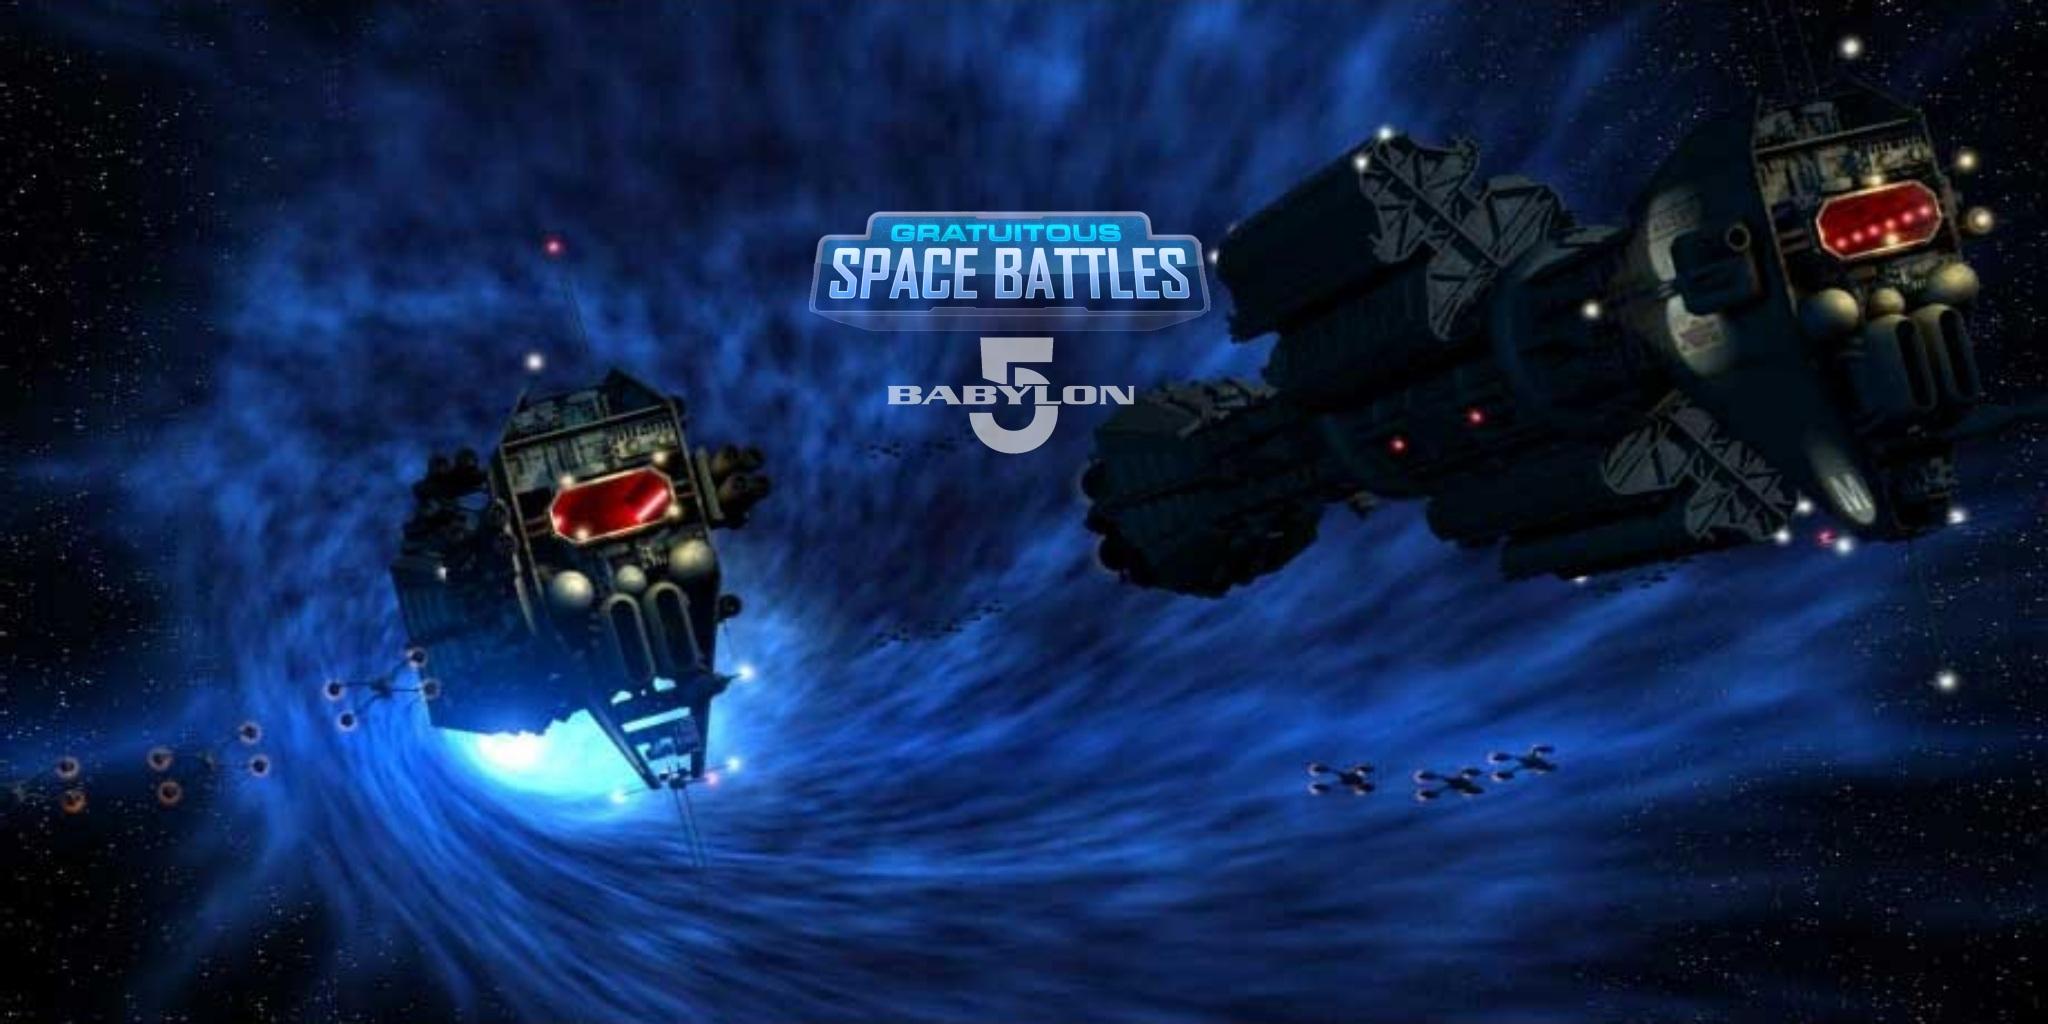 Gsb - Babylon 5 Mod For Gratuitous Space Battles